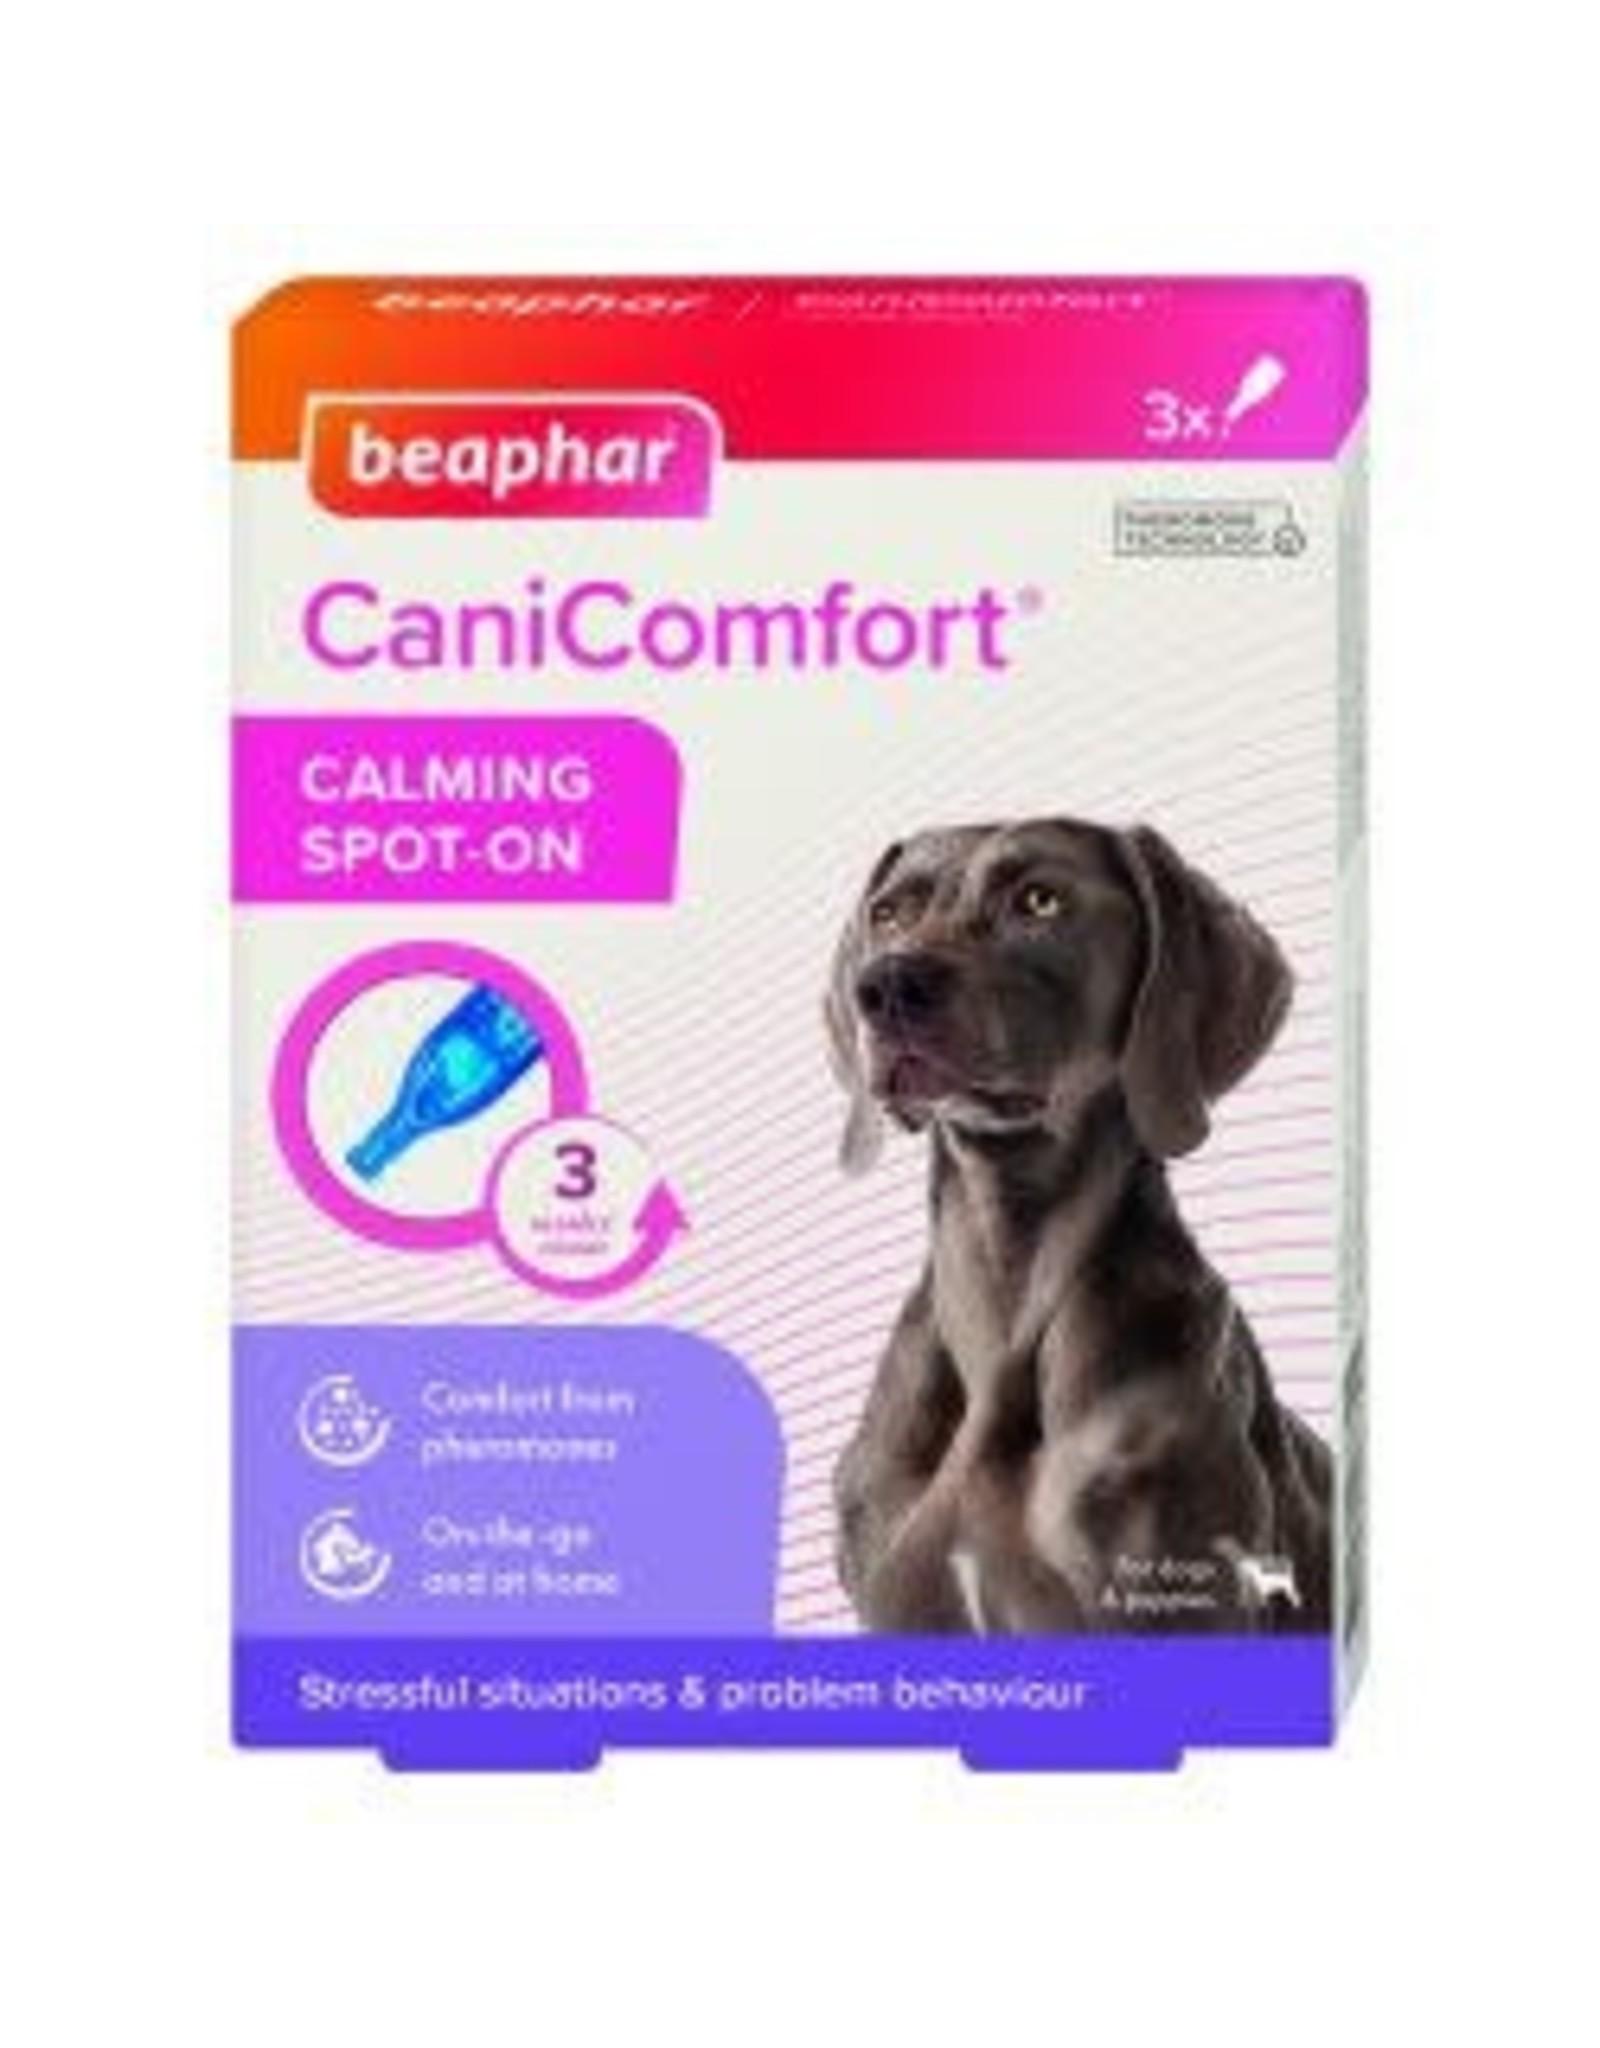 Beaphar Beaphar CaniComfort Calming Spot On 3 Pack